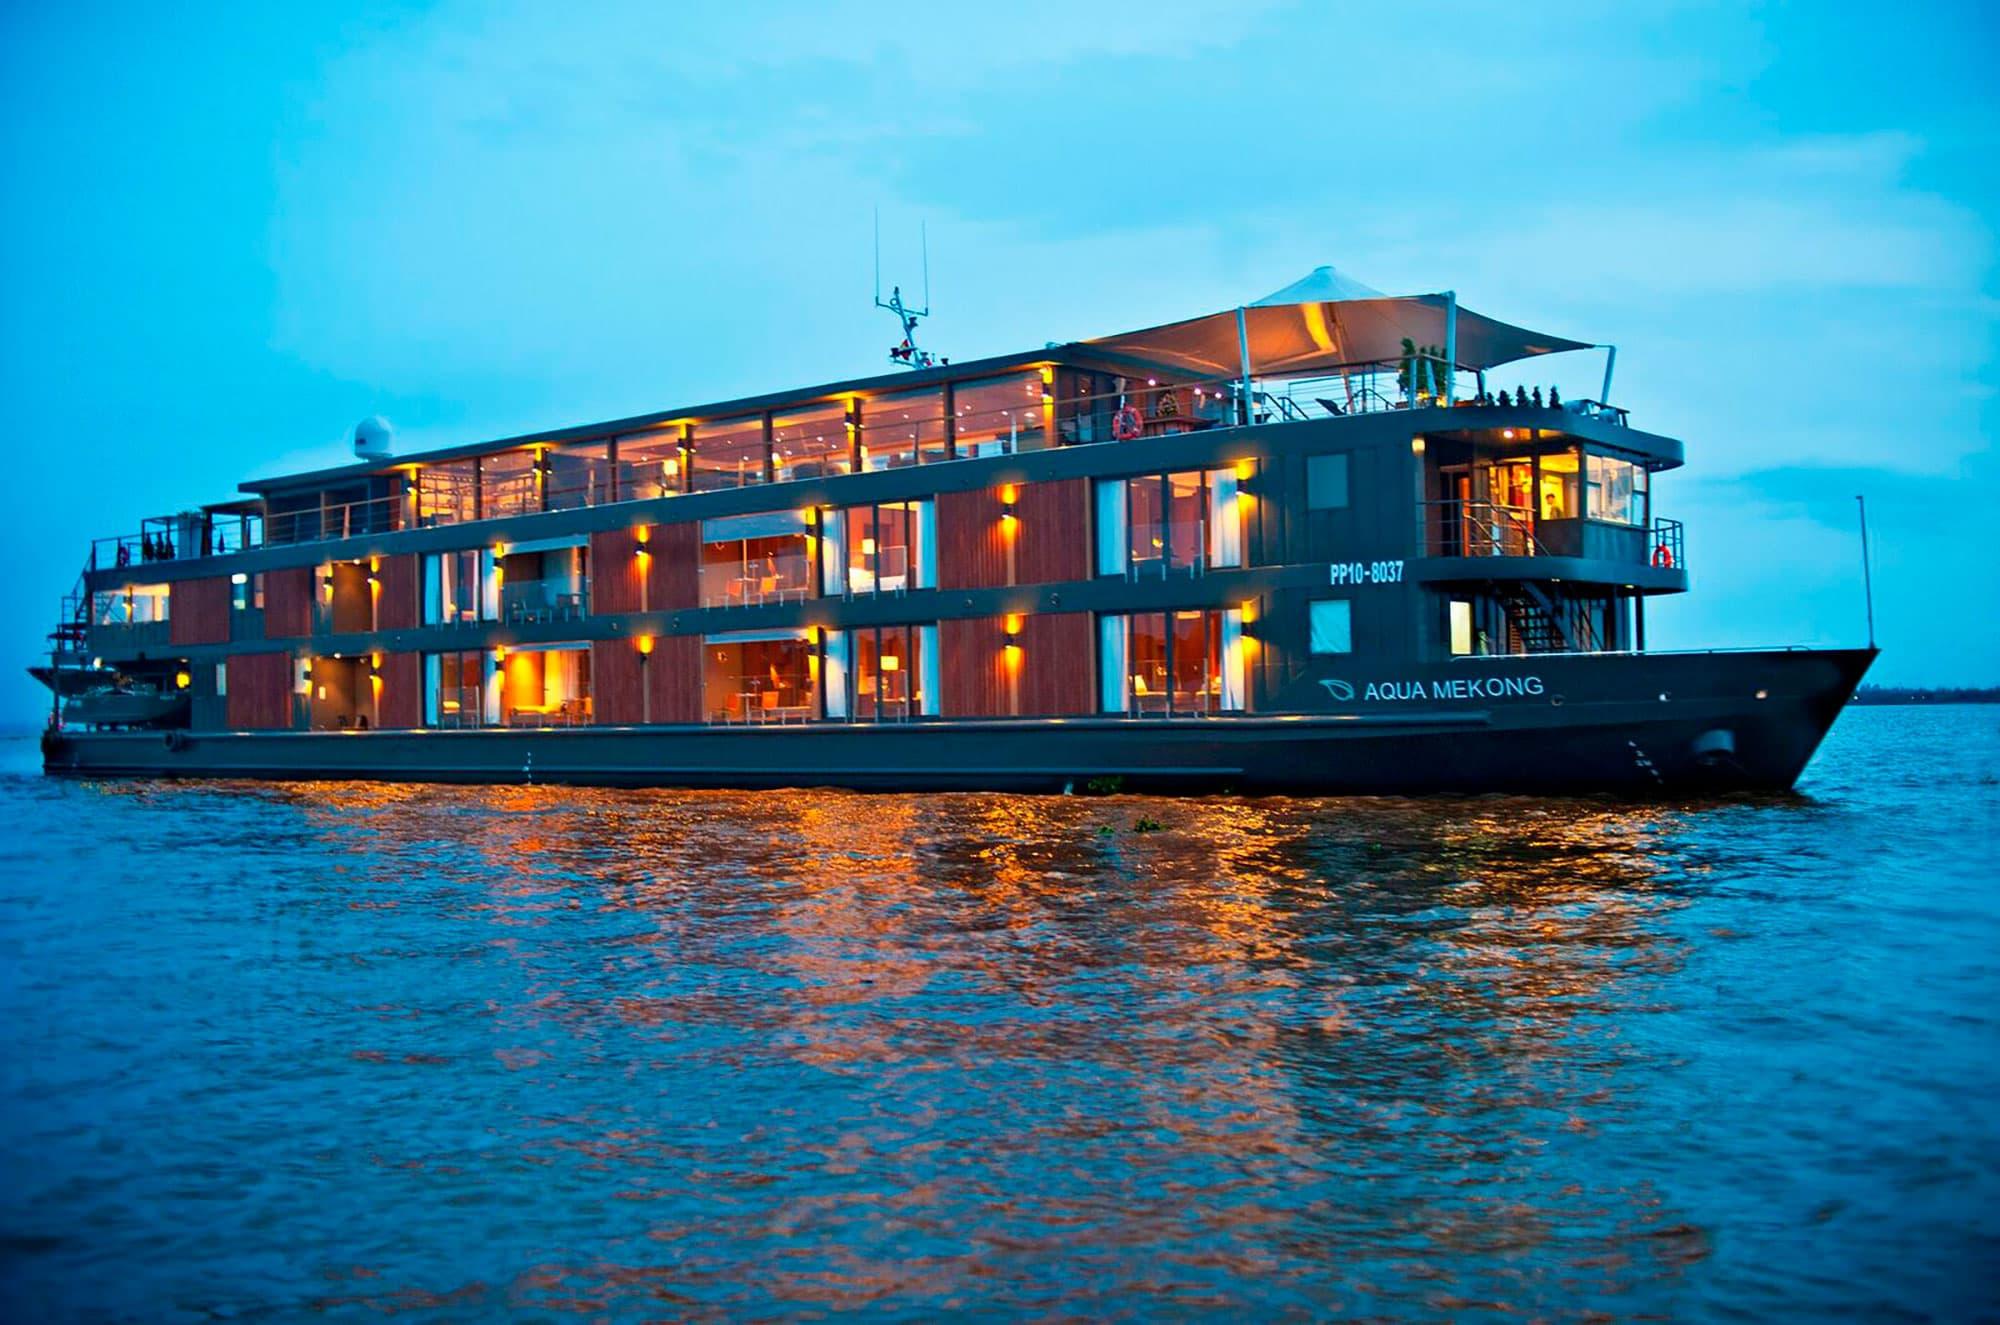 Crucero AQUA de 7 noches – Río arriba – Temporada de Agua Baja (De Ho Chi Minh a Phnom Penh) - Vietnam- imagen #5